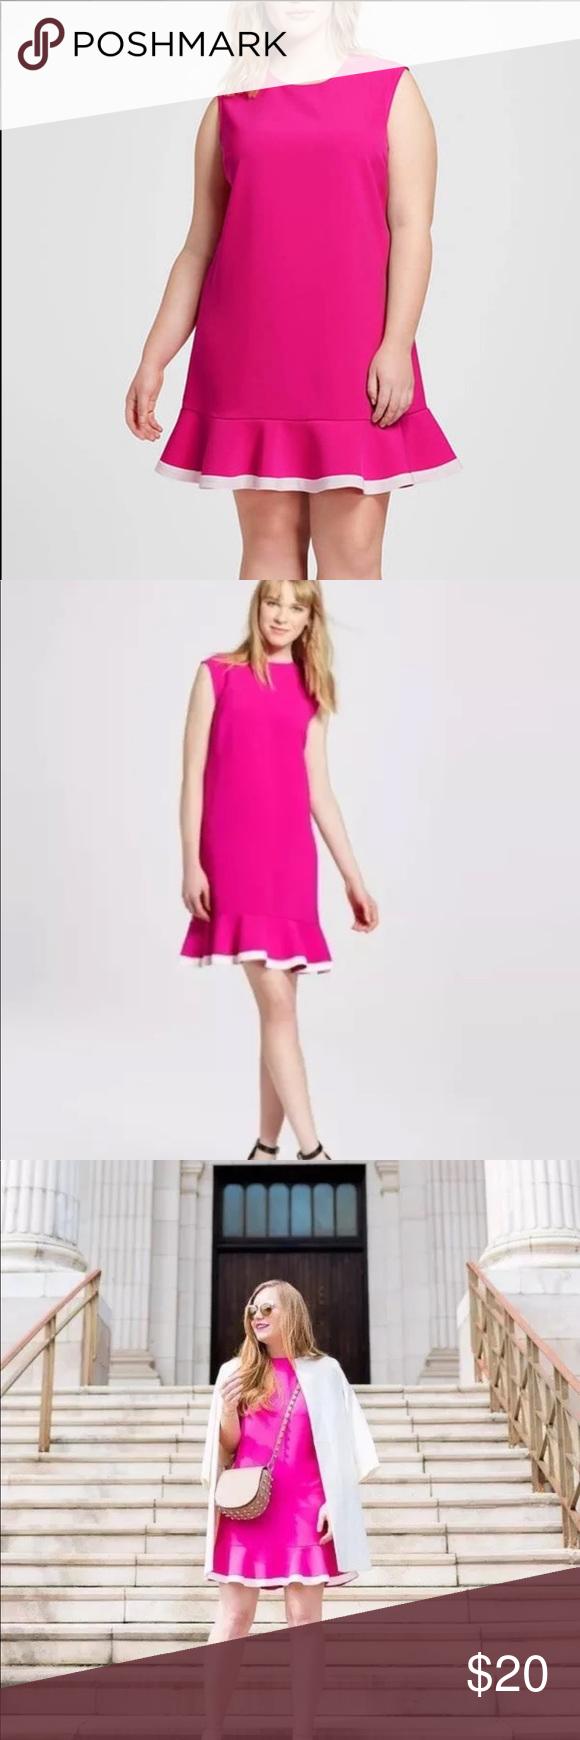 Victoria Beckham For Target Pink Dress Size 2x Victoria Beckham Target Pink Dress Victoria Beckham [ 1740 x 580 Pixel ]